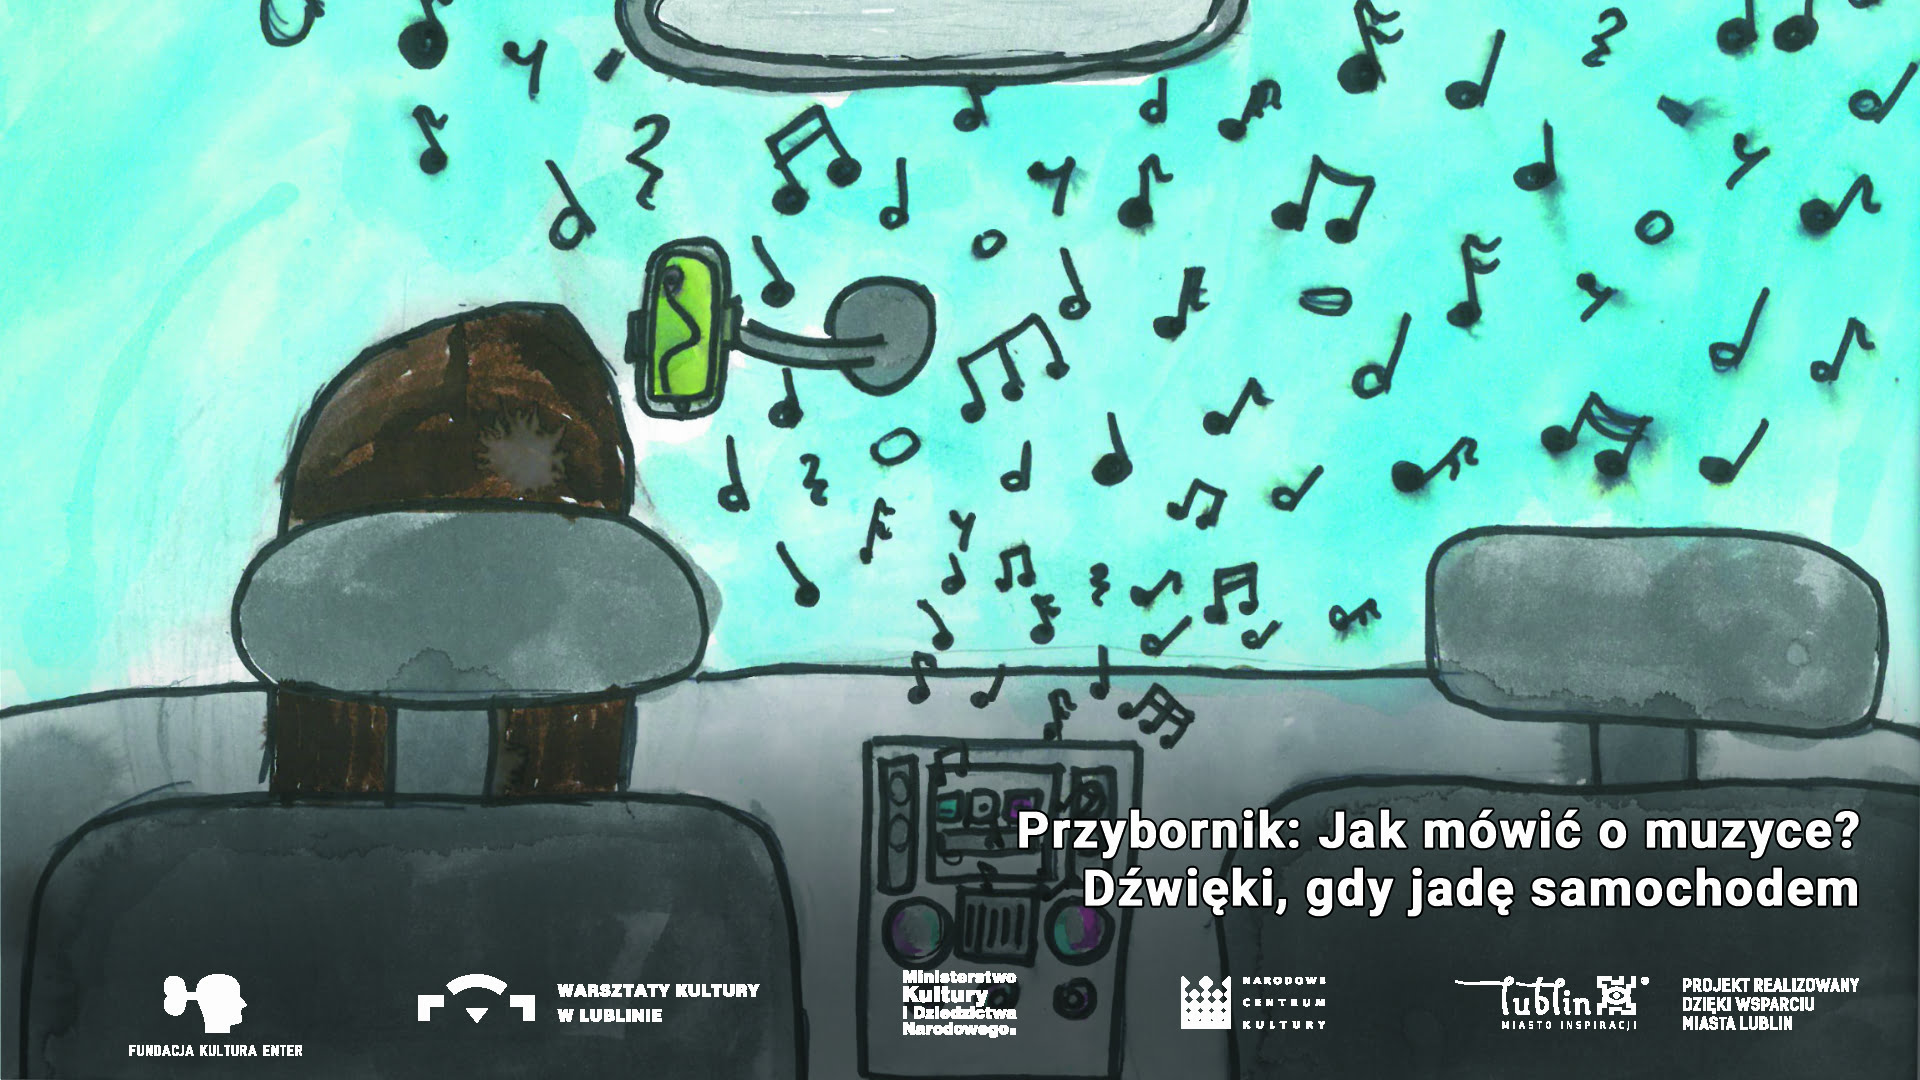 grafika promująca wydarzenie: obrazek przedstawia wnętrze samochodu, perspektywa z tylnego siedzenia. Widzimy przednie siedzenia, w tym jedno z kierowcą, lusterko wsteczne oraz radio, z którego wylatują i rozprzestrzeniają się na całą przednią szybę nuty. Po prawej stronie tytuł wydarzenia lekko nachodzący na radio. Na samym dole logotypy organizatorów i współorganizatorów. autorką ilustracji jest Zosia Księżniak